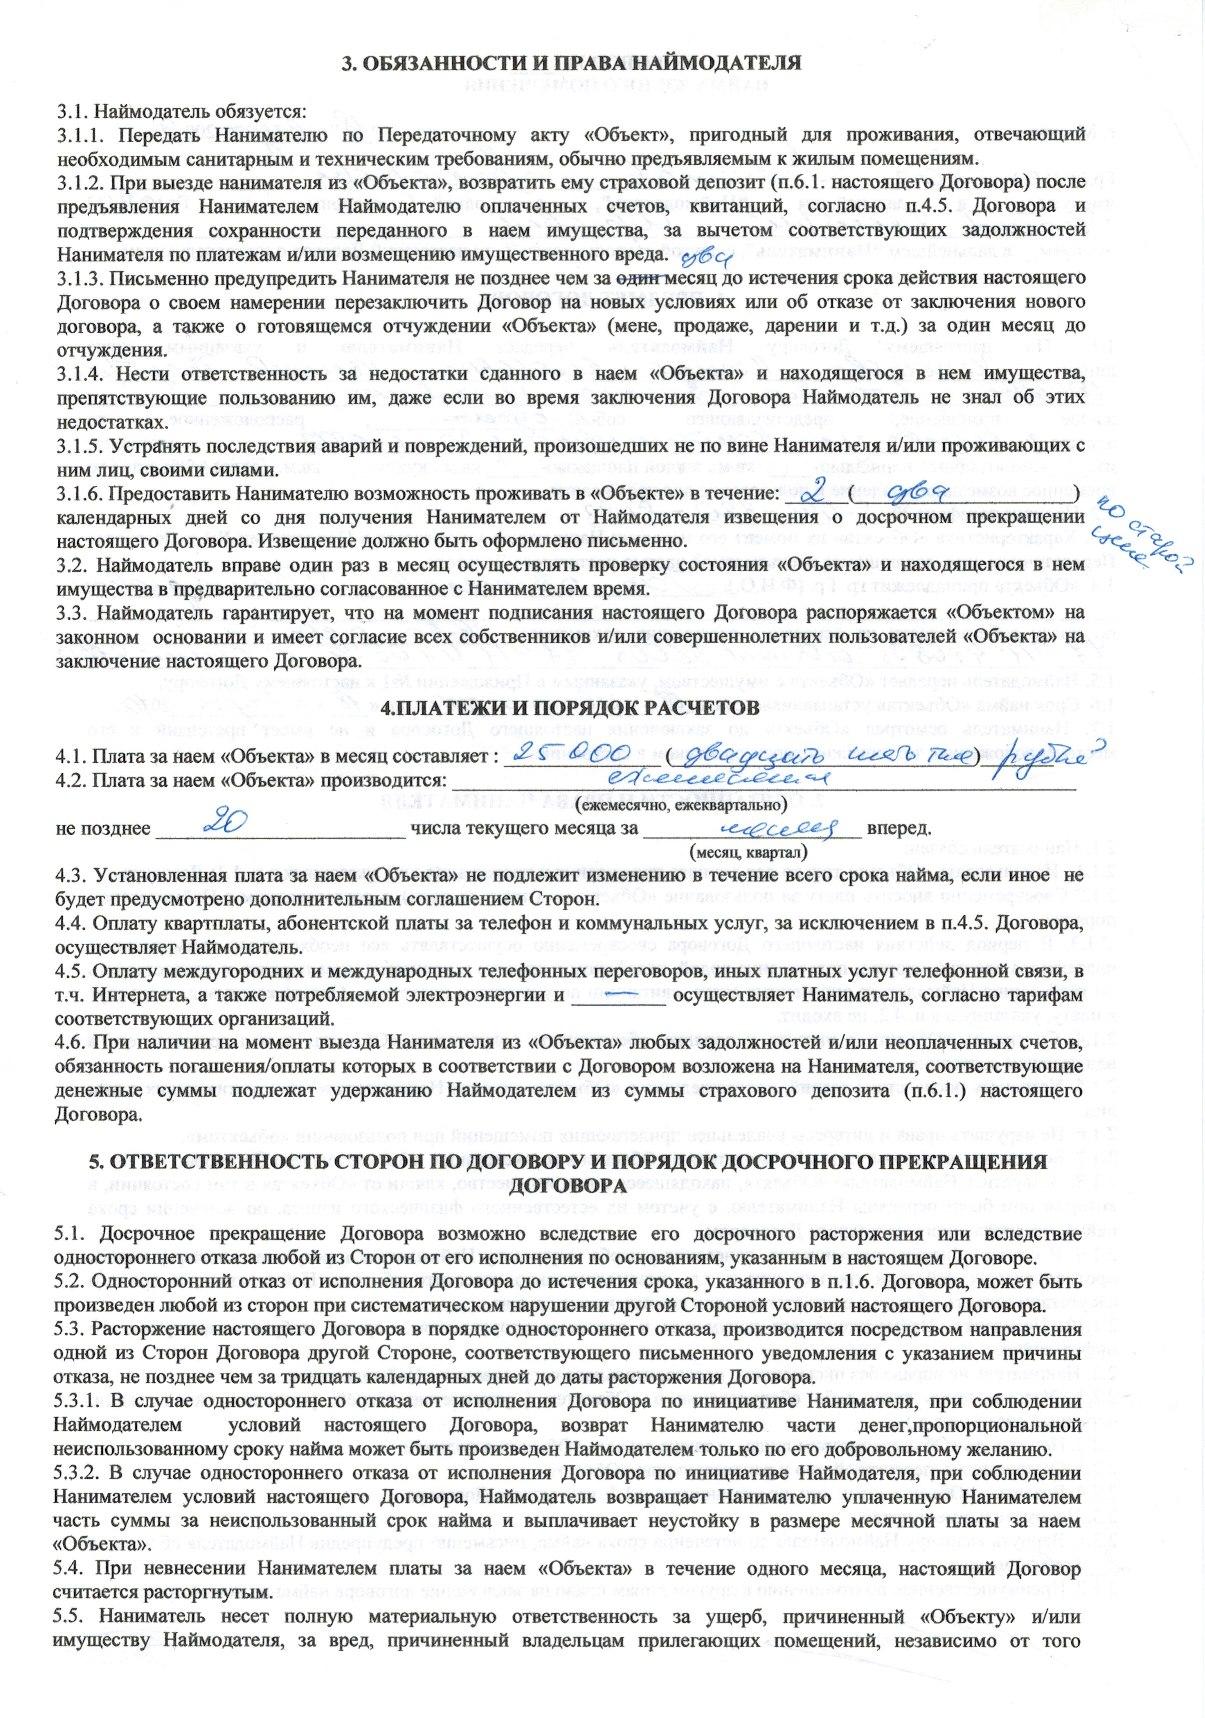 Договор Аренды Инком Недвижимость Скачать